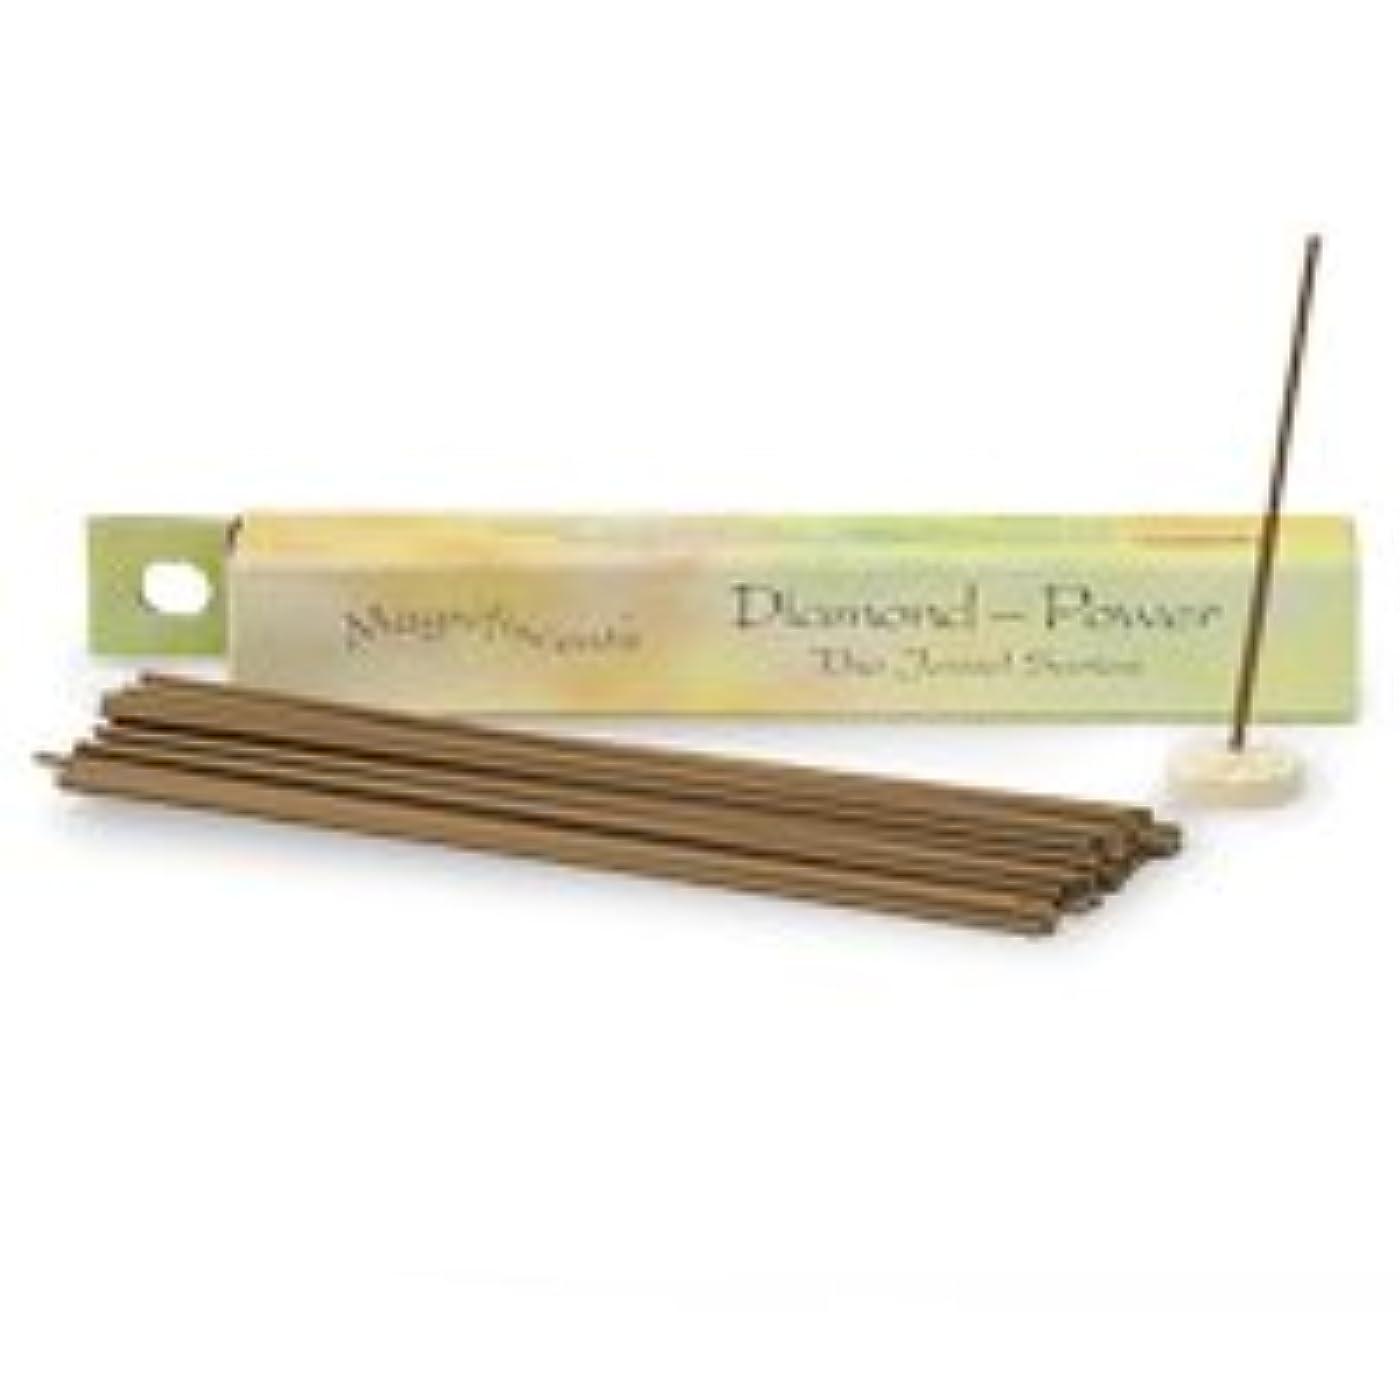 経験的いとこジェスチャーShoyeido – Magnifiscentsジュエルシリーズ自然Incenseアメジストバランス 30 Stick(s) レッド 20102